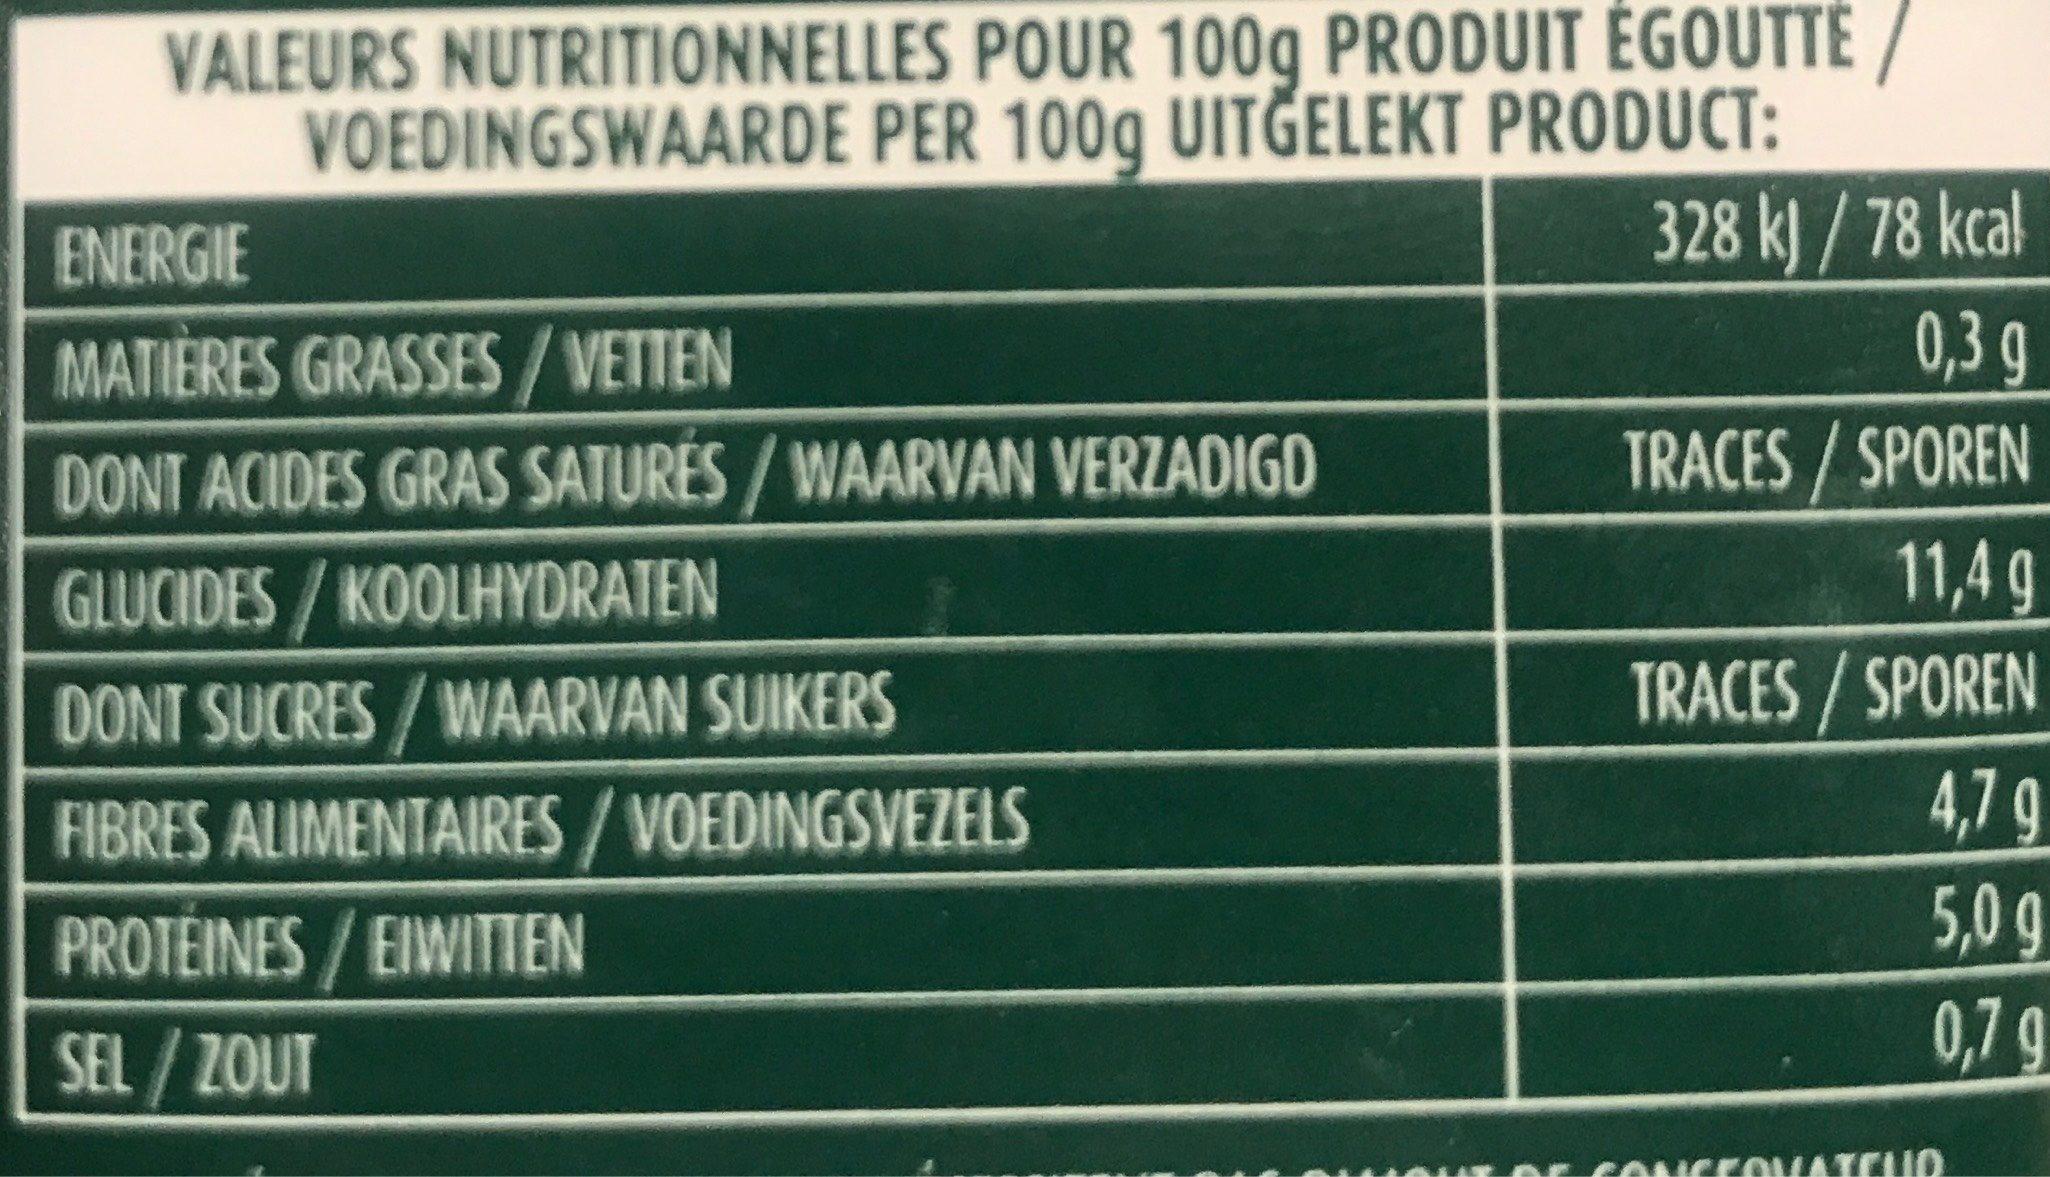 Flageolets Cuisinés Sélection il y a 3 additifs douteux - Voedingswaarden - fr